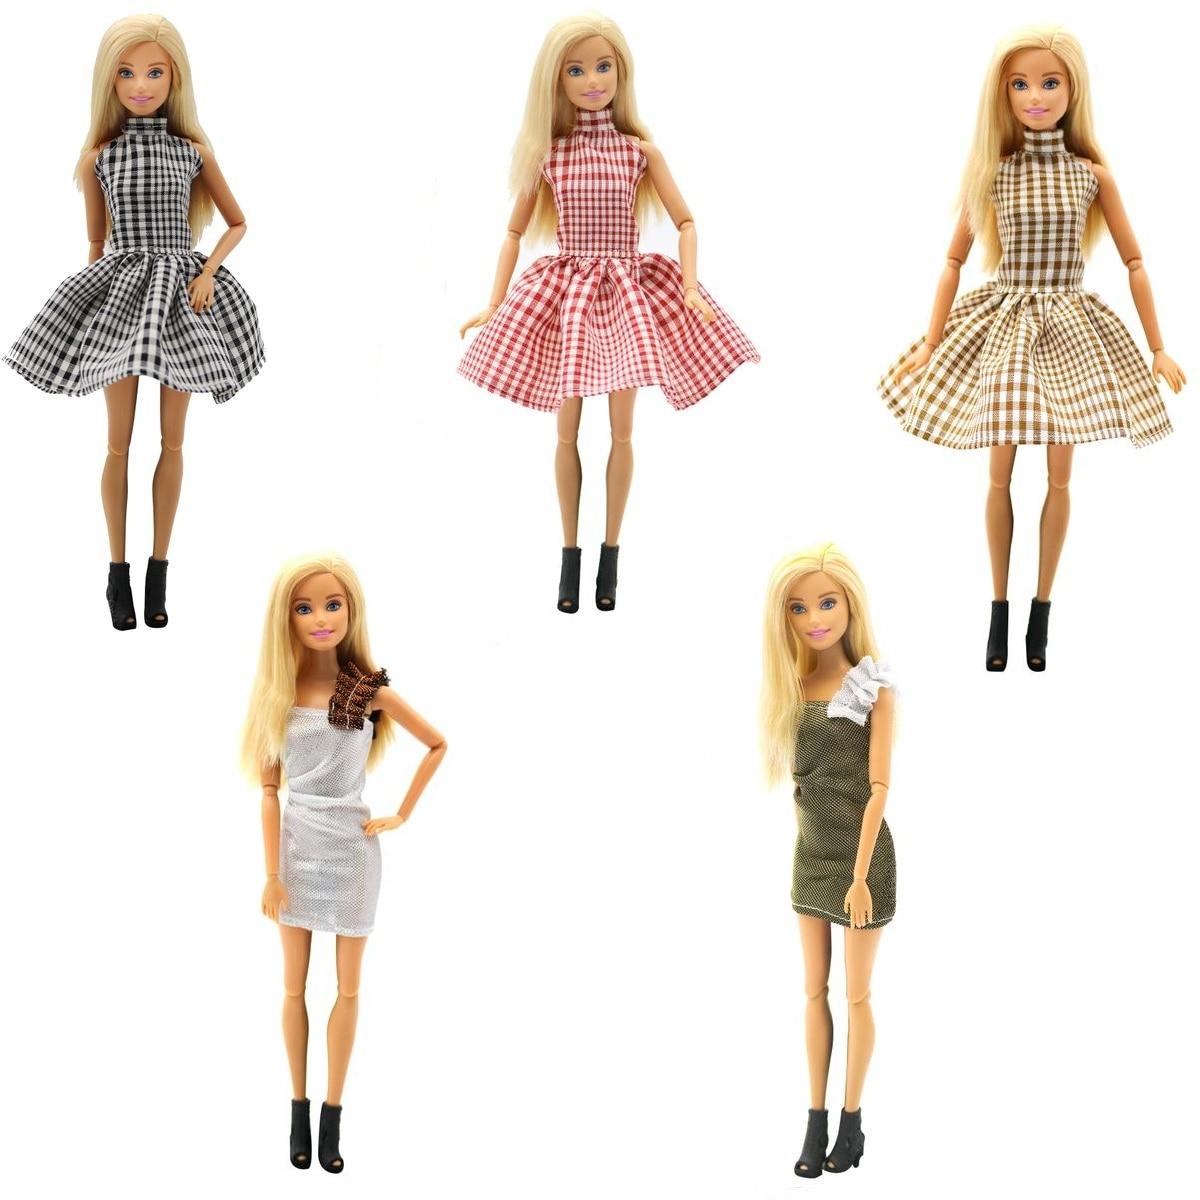 Nueva ropa de moda hecha a mano de 100 piezas para muñeca Barbie vestido bebé niña cumpleaños Año nuevo presente para niños-in Muñecas from Juguetes y pasatiempos    1